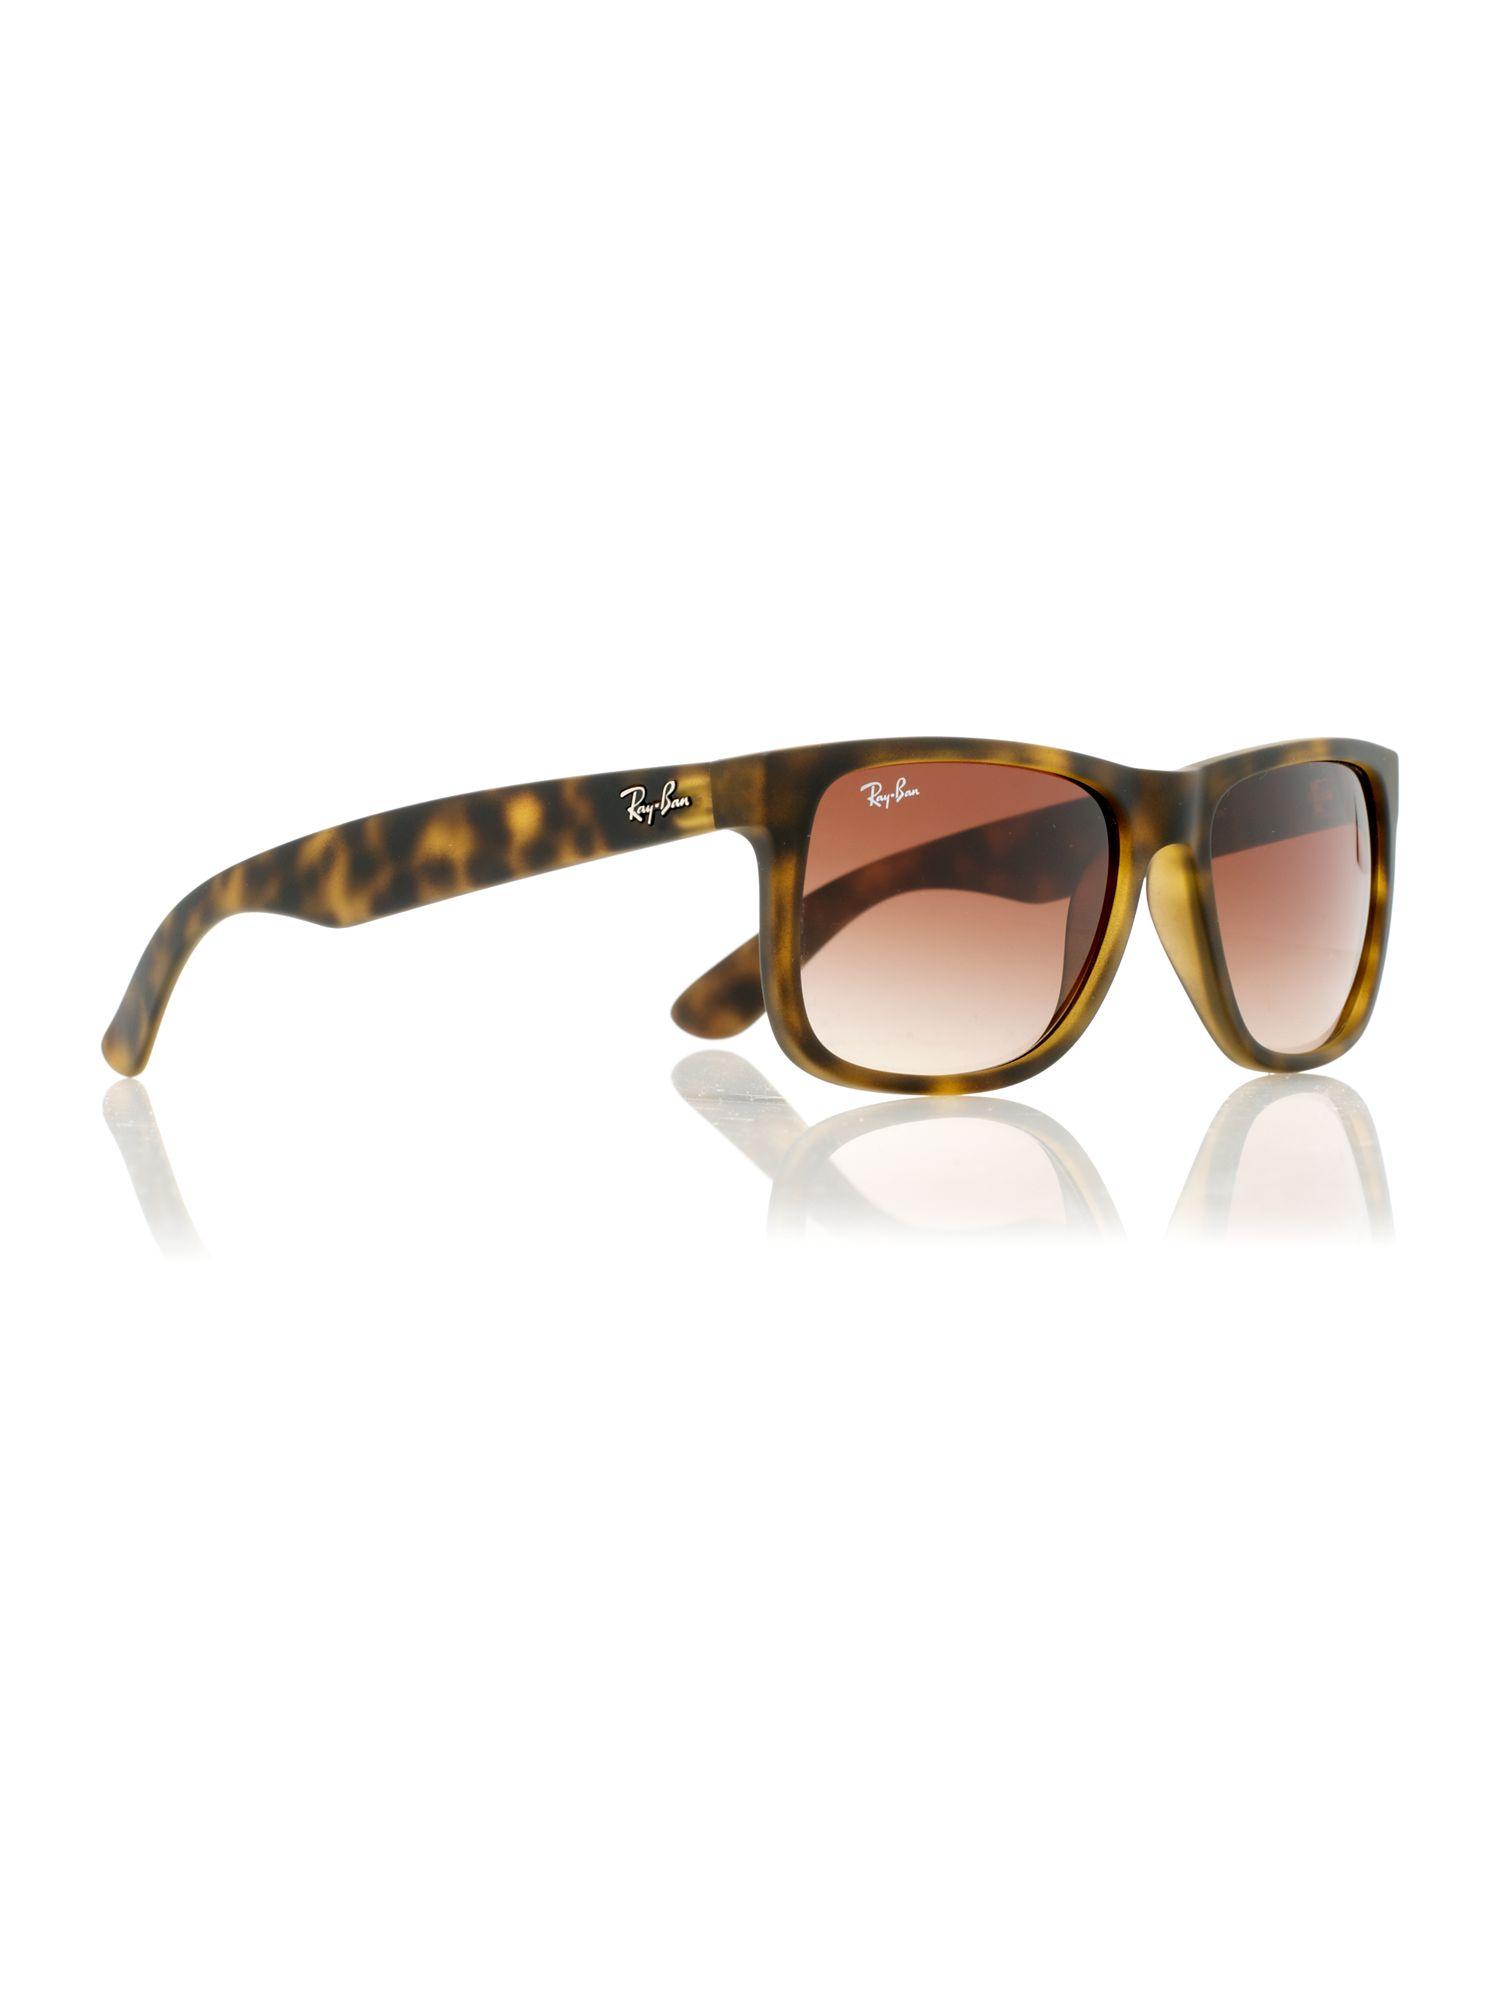 Ray Ban Eyeglass Frames Lenscrafters : ray ban eyeglass lenscrafters frames